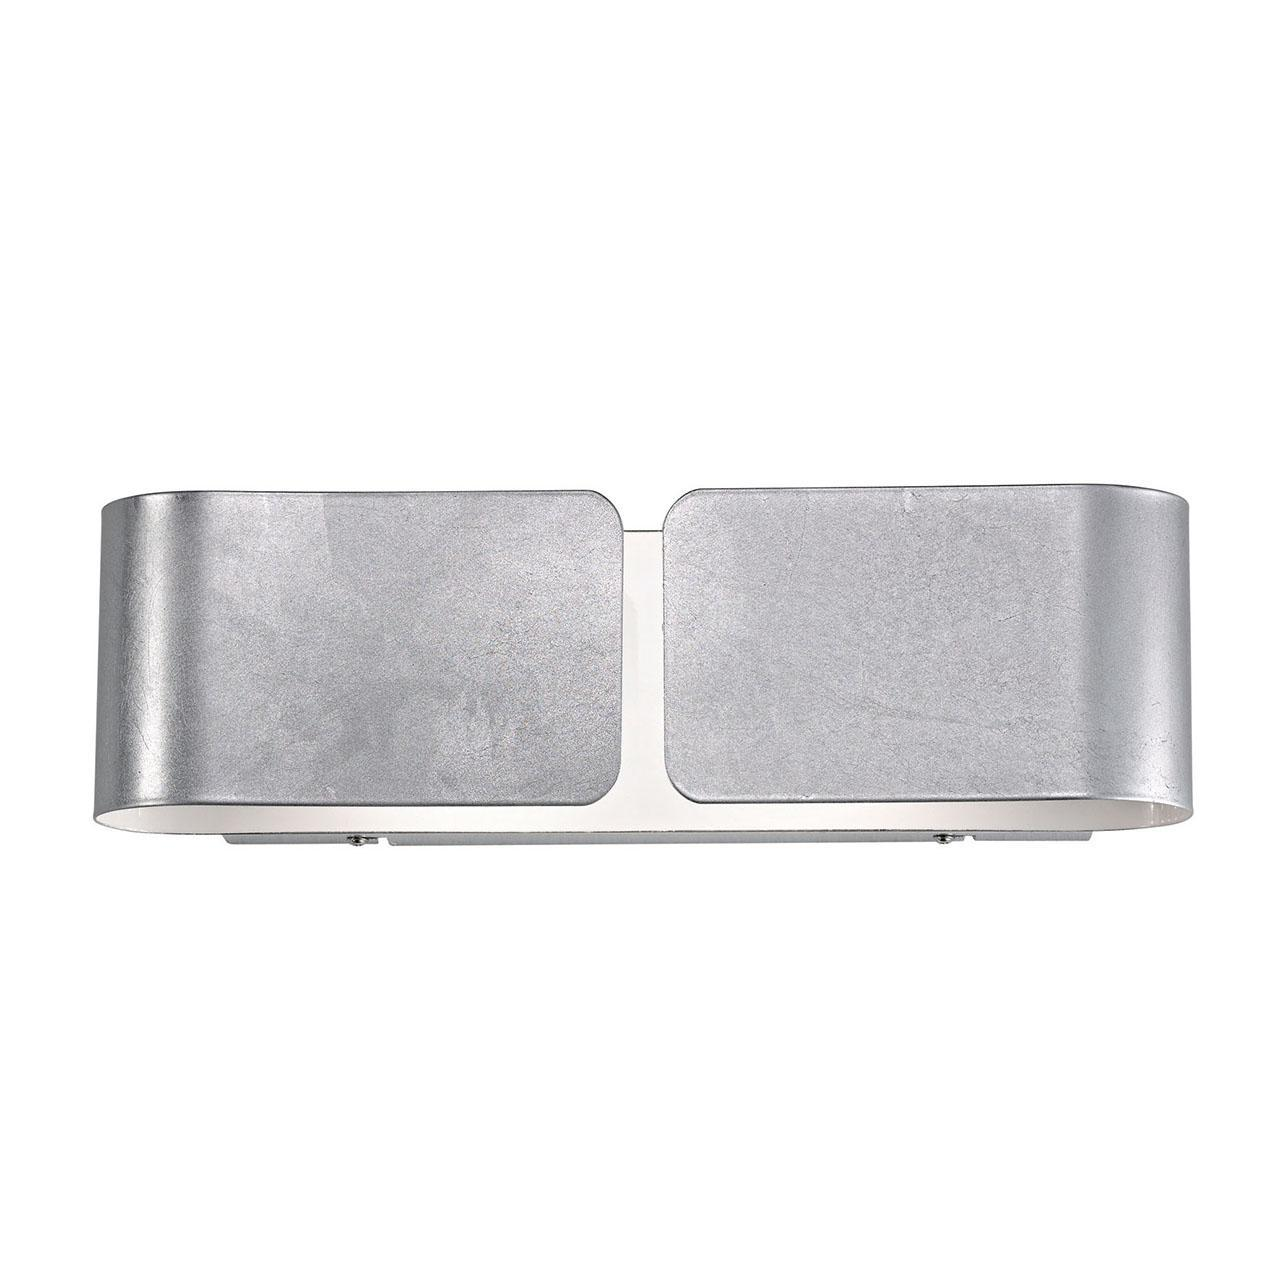 Настенный светильник Ideal Lux Clip AP2 Mini Argento настенный светильник ideal lux clip ap2 small argento